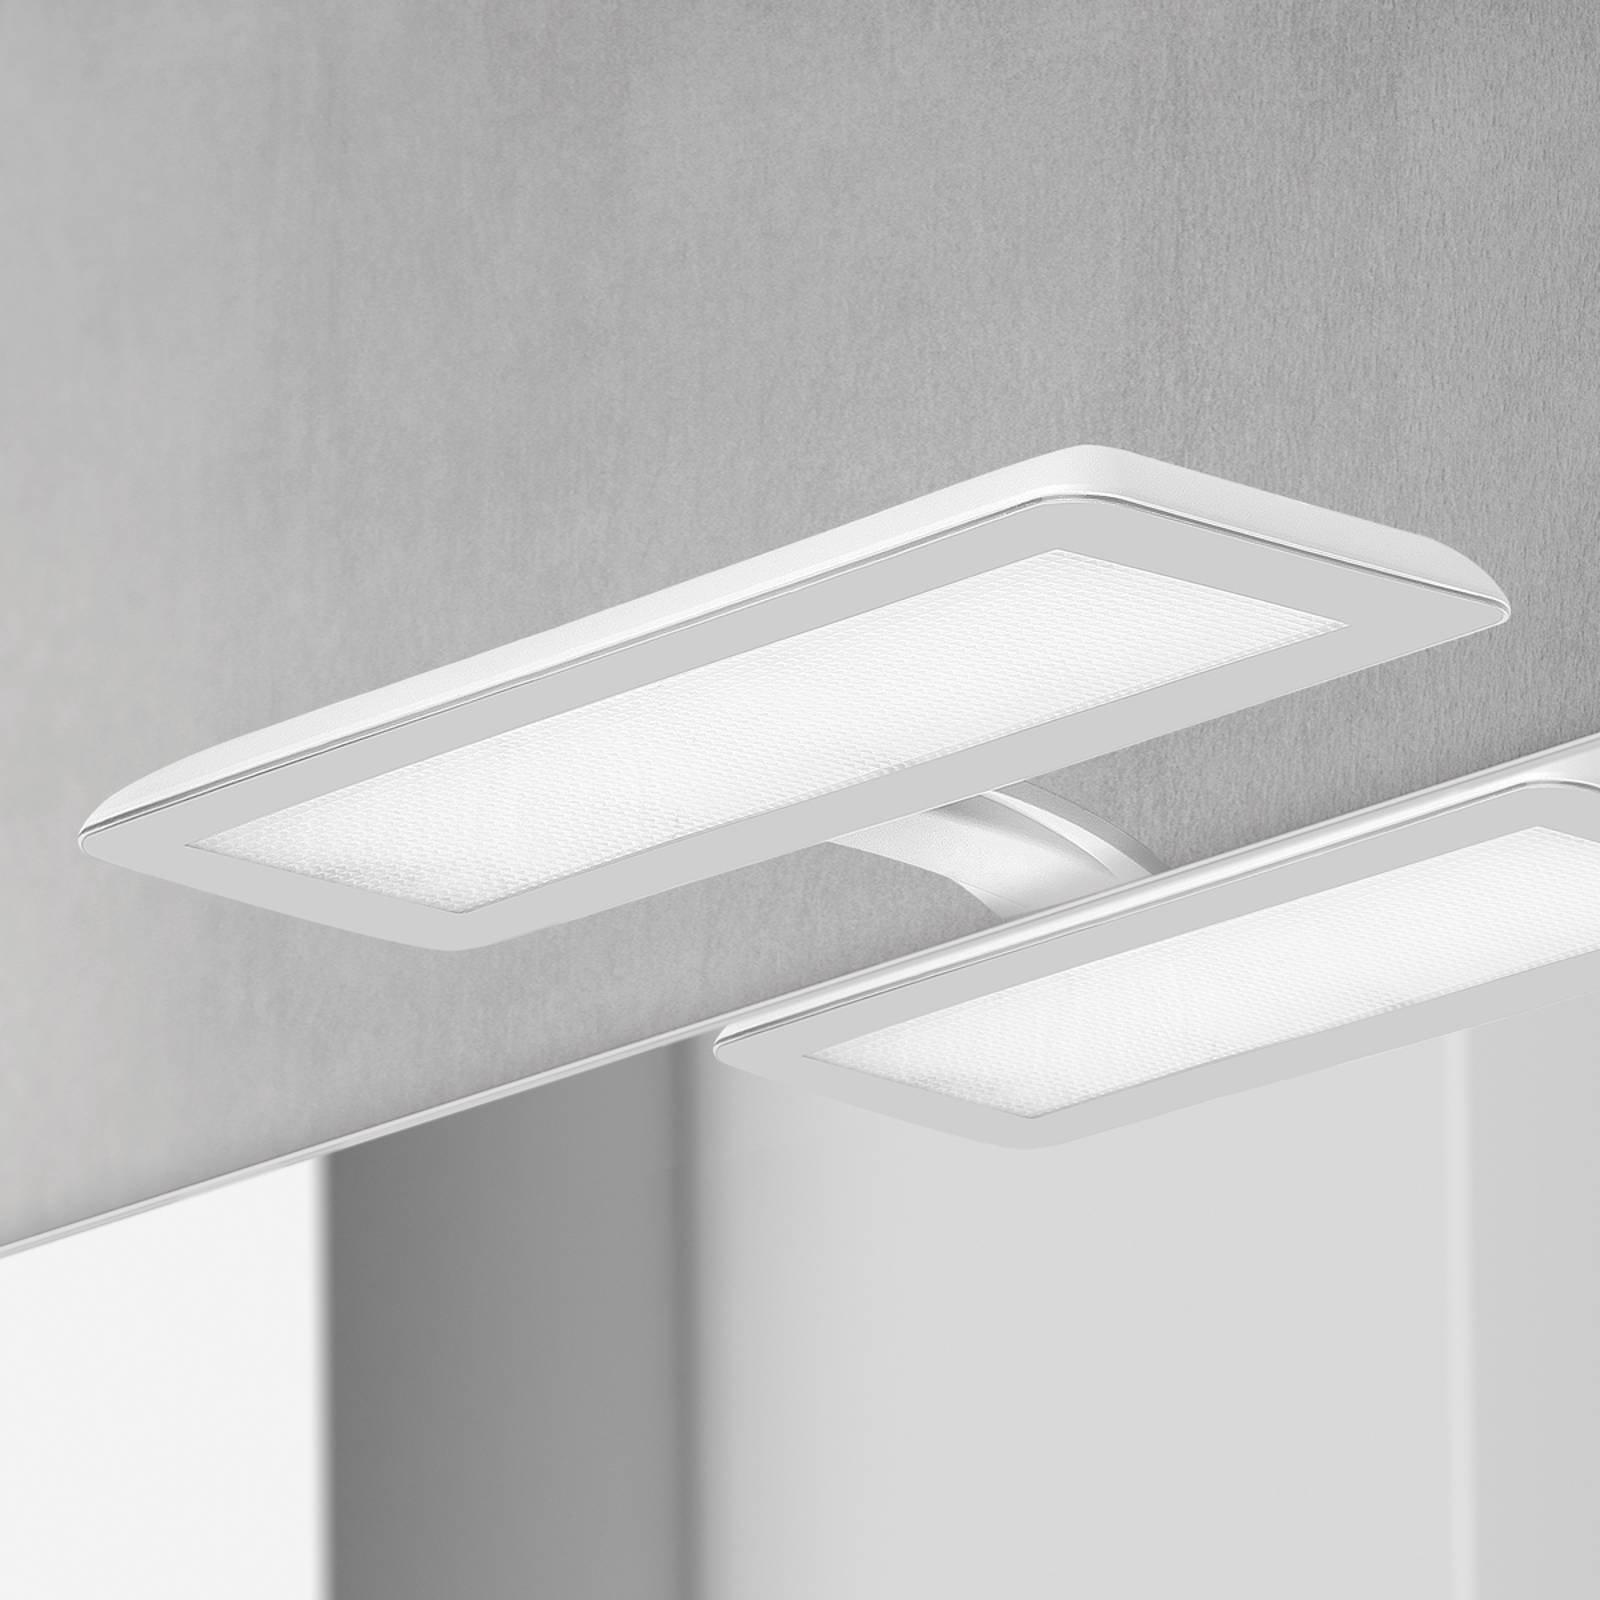 LED-speillampe Nikita, hvit/stålgrå